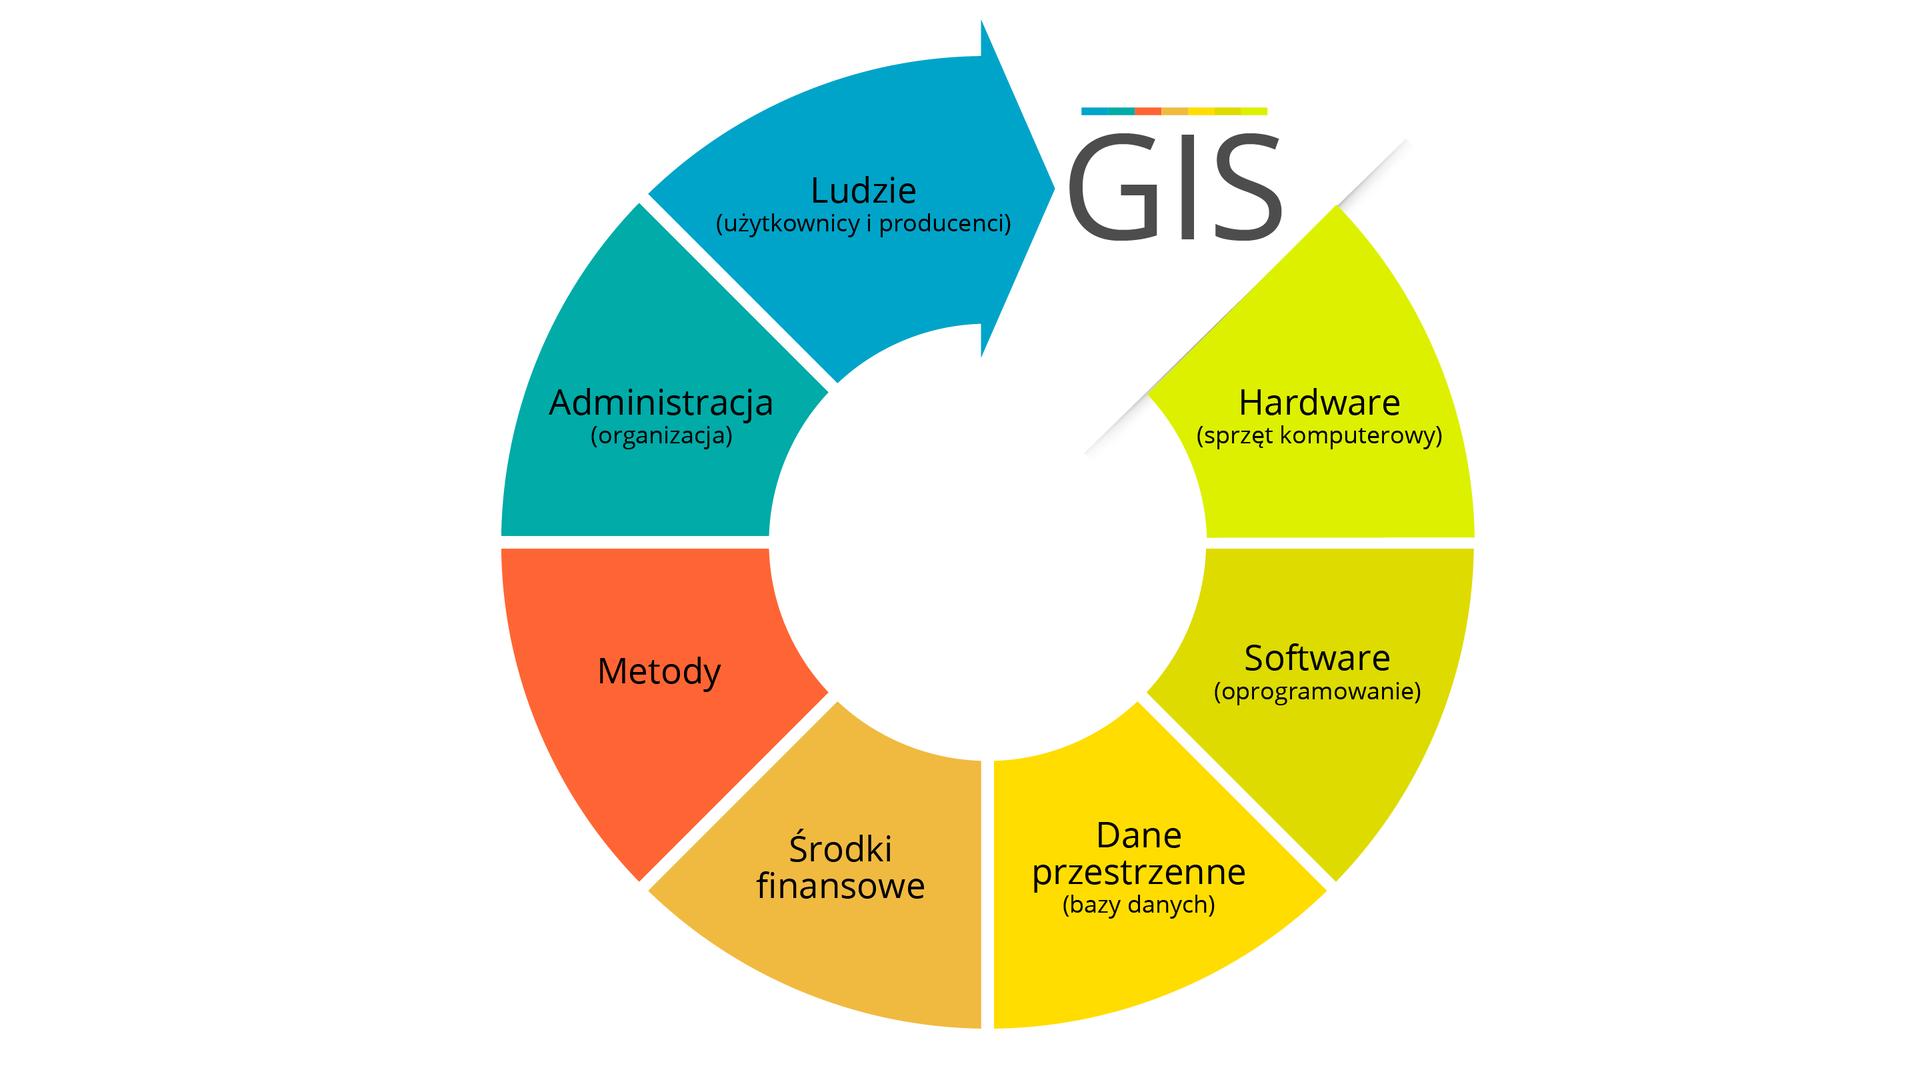 Elementy struktury funkcjonowania systemu informacyjnego: Hardware (sprzęt komputerowy), Software (oprogramowanie), Dane przestrzenne (bazy danych), Ludzie (użytkownicy iproducenci), Administracja (organizacja), Zasoby finansowe, Metody.